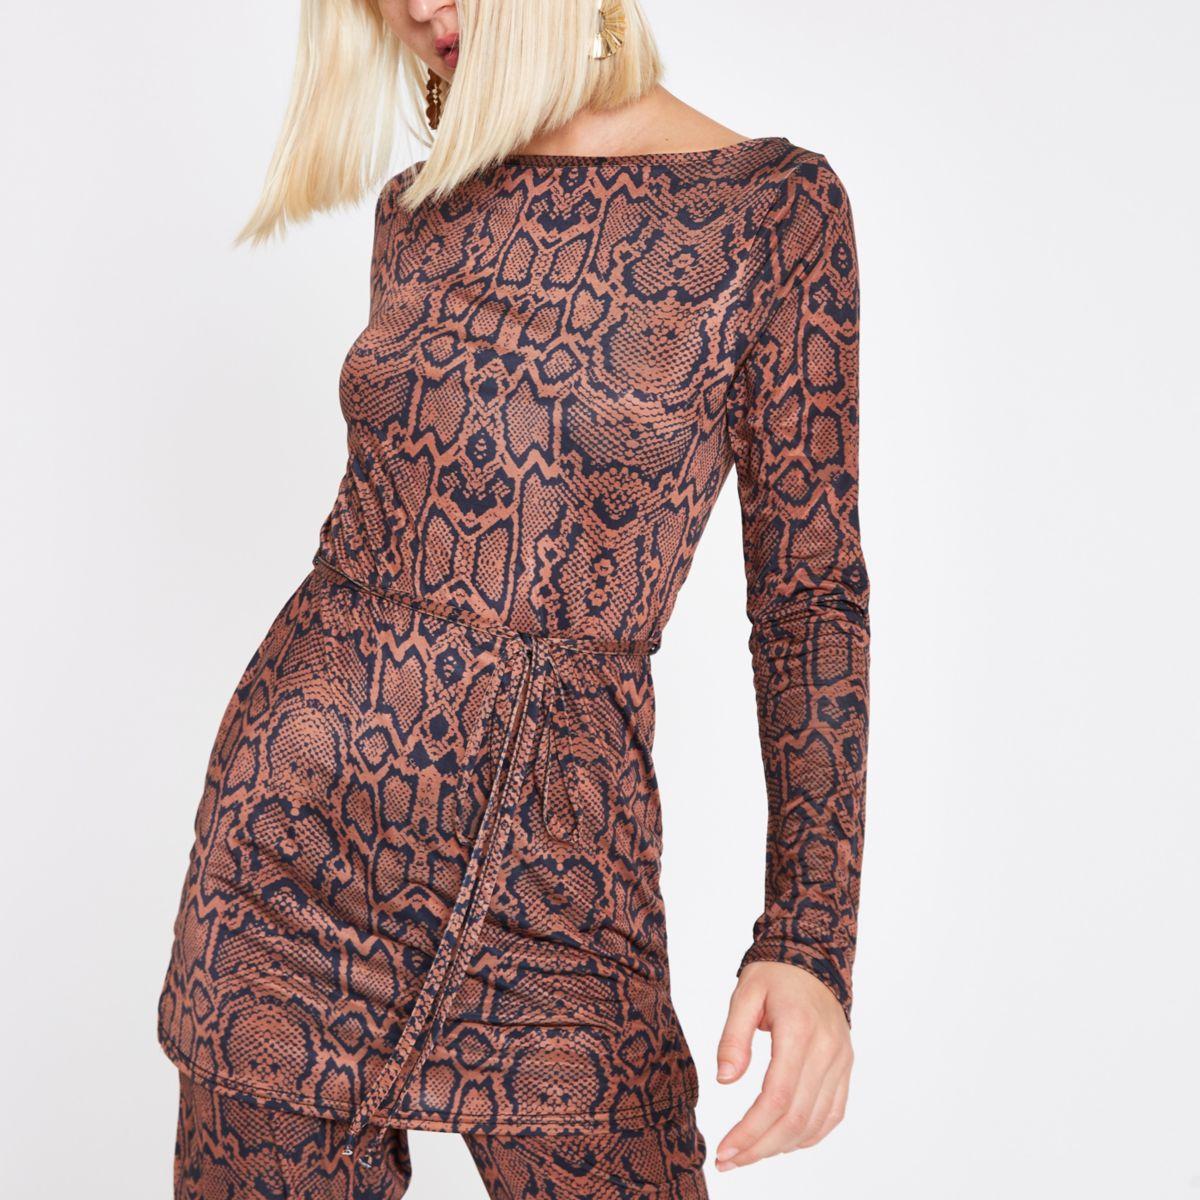 Brown snake print belted long sleeve top